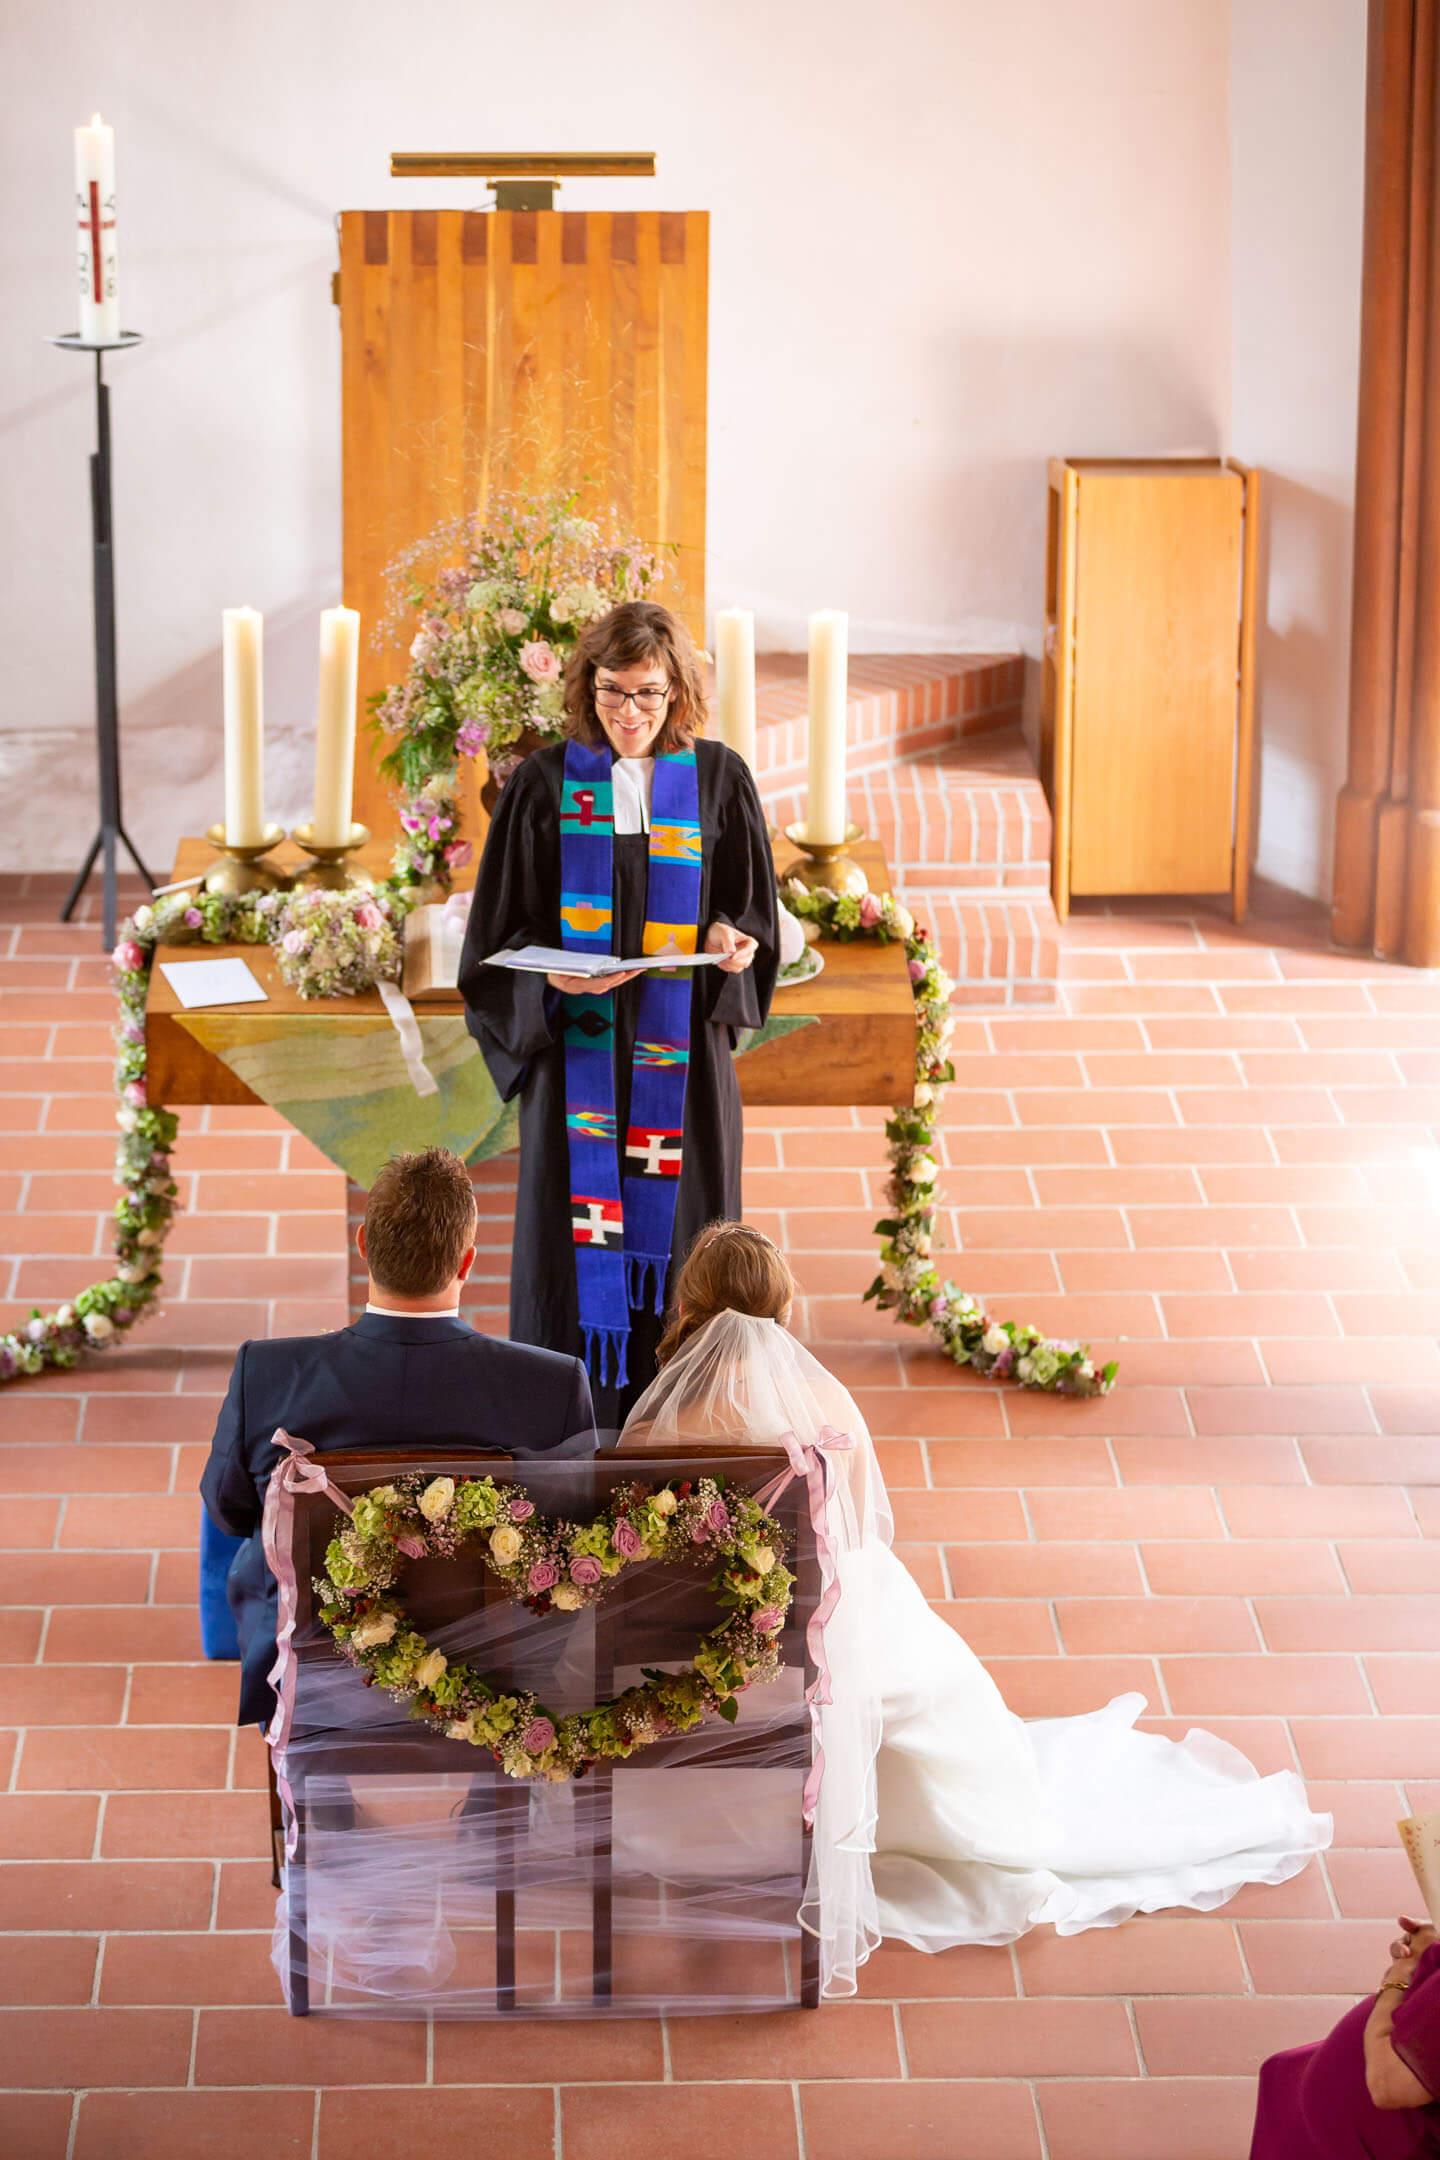 Pastorin Angelika Gogolin bei der Trauungszeremonie